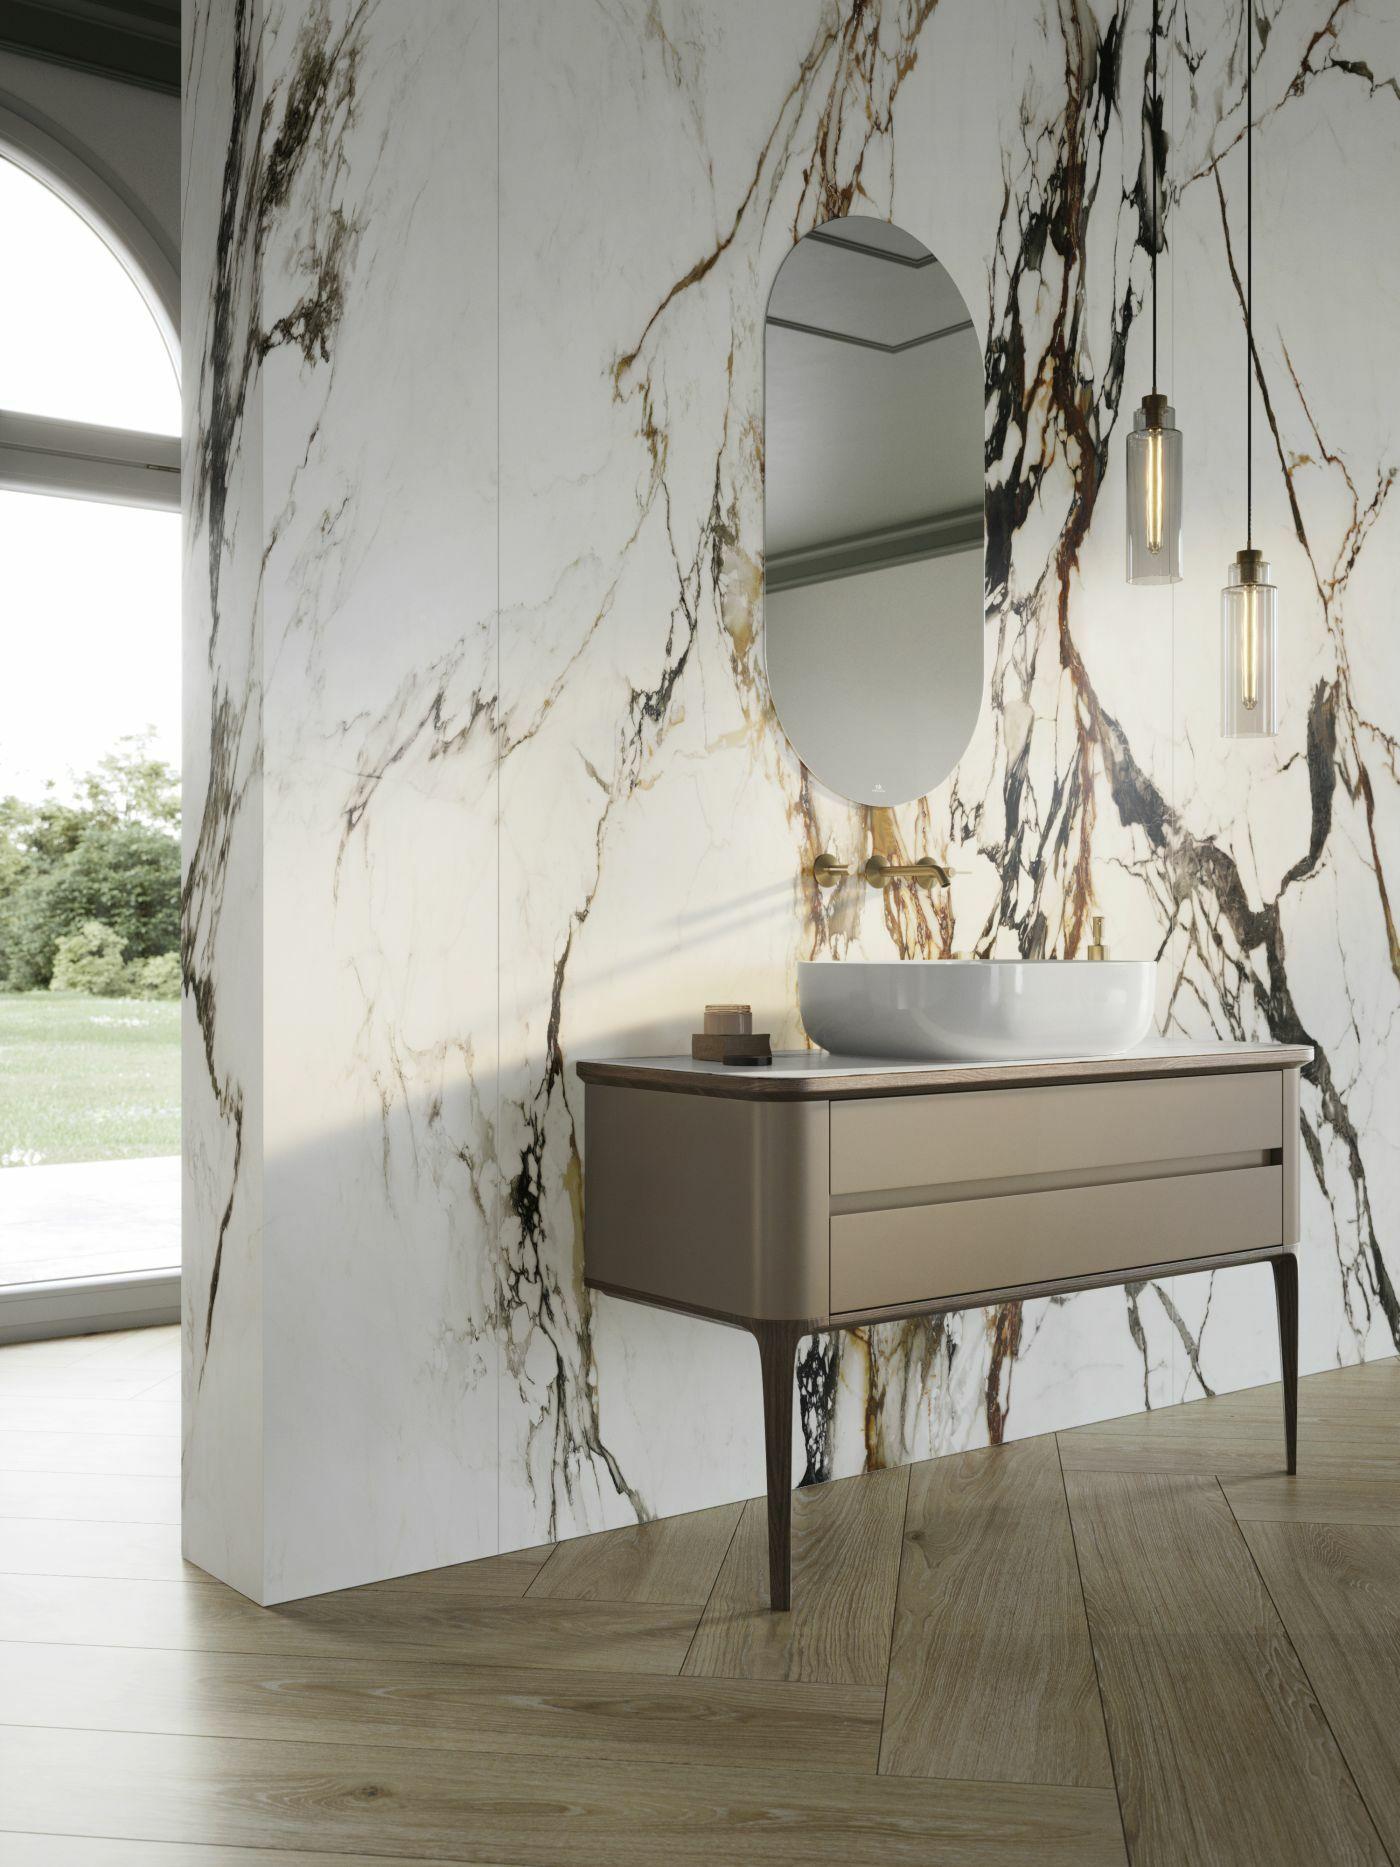 XTONE Paonazzo Biondo fényes márvány mintás lap